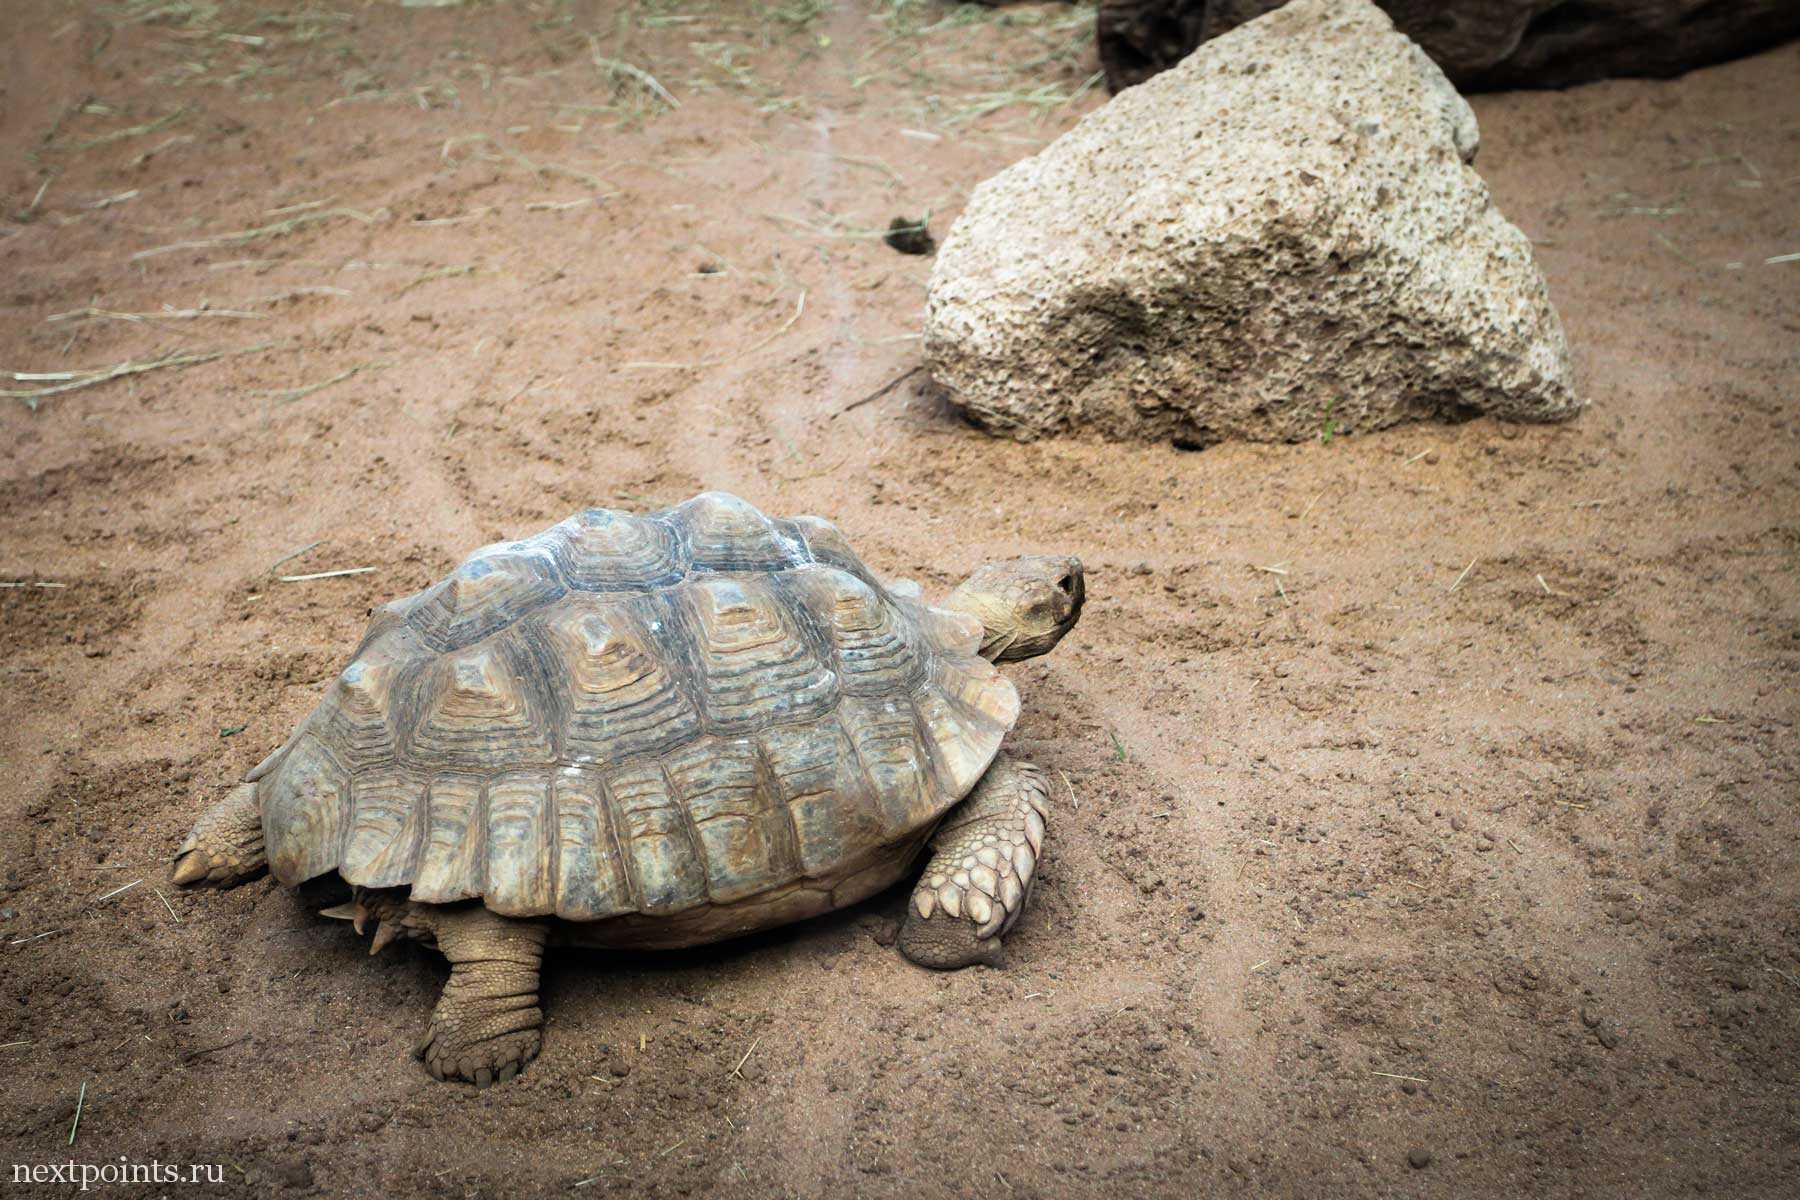 Большая черепаха в зоопарке Тенерифе